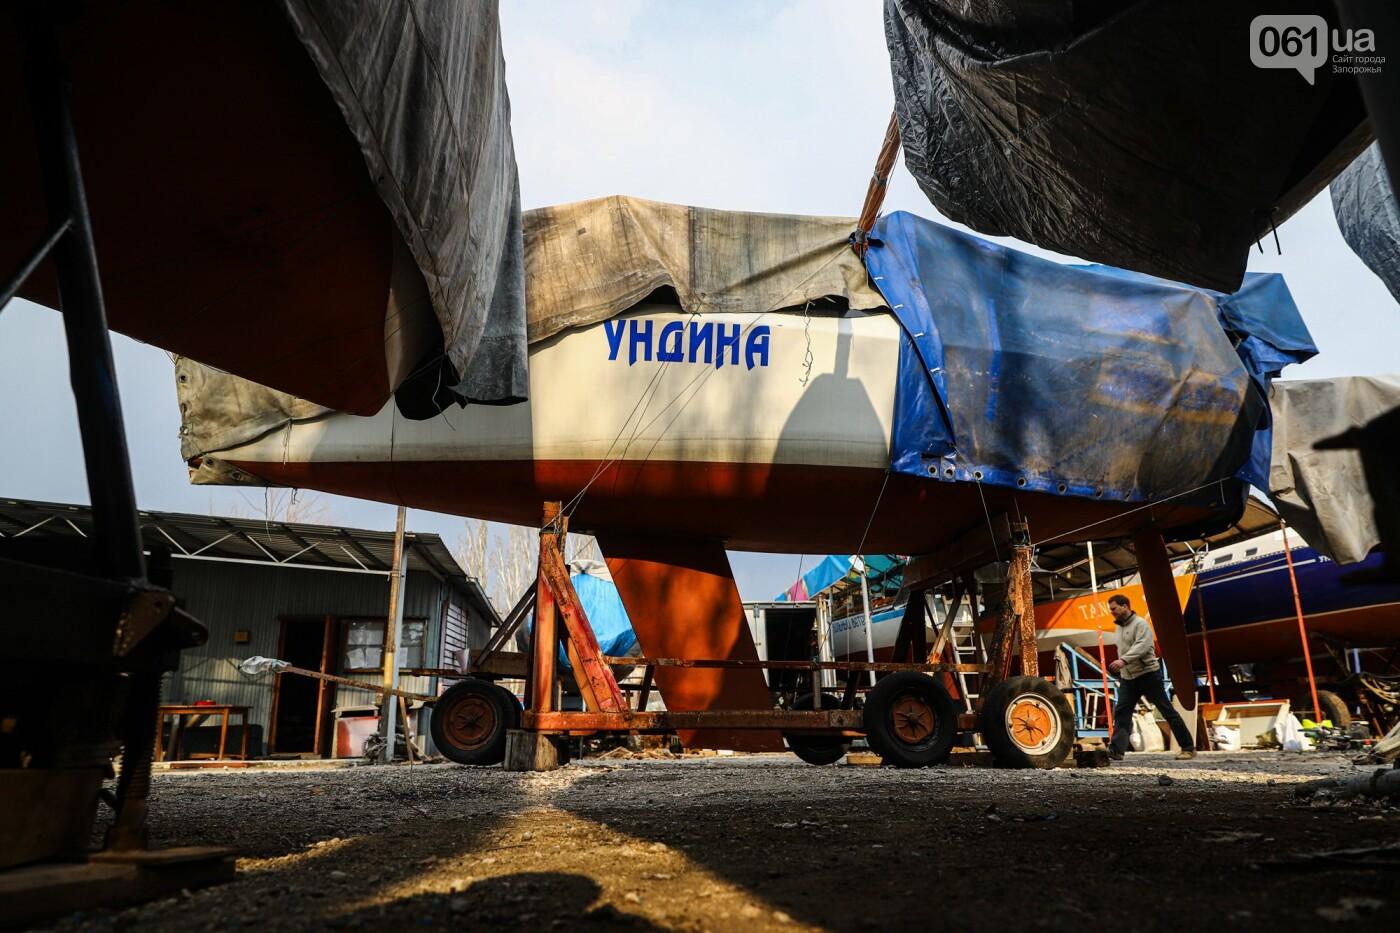 Монтаж первого пролета вантового моста, транспортный локдаун и репортаж из заброшенной шахты: апрель в фотографиях, фото-17